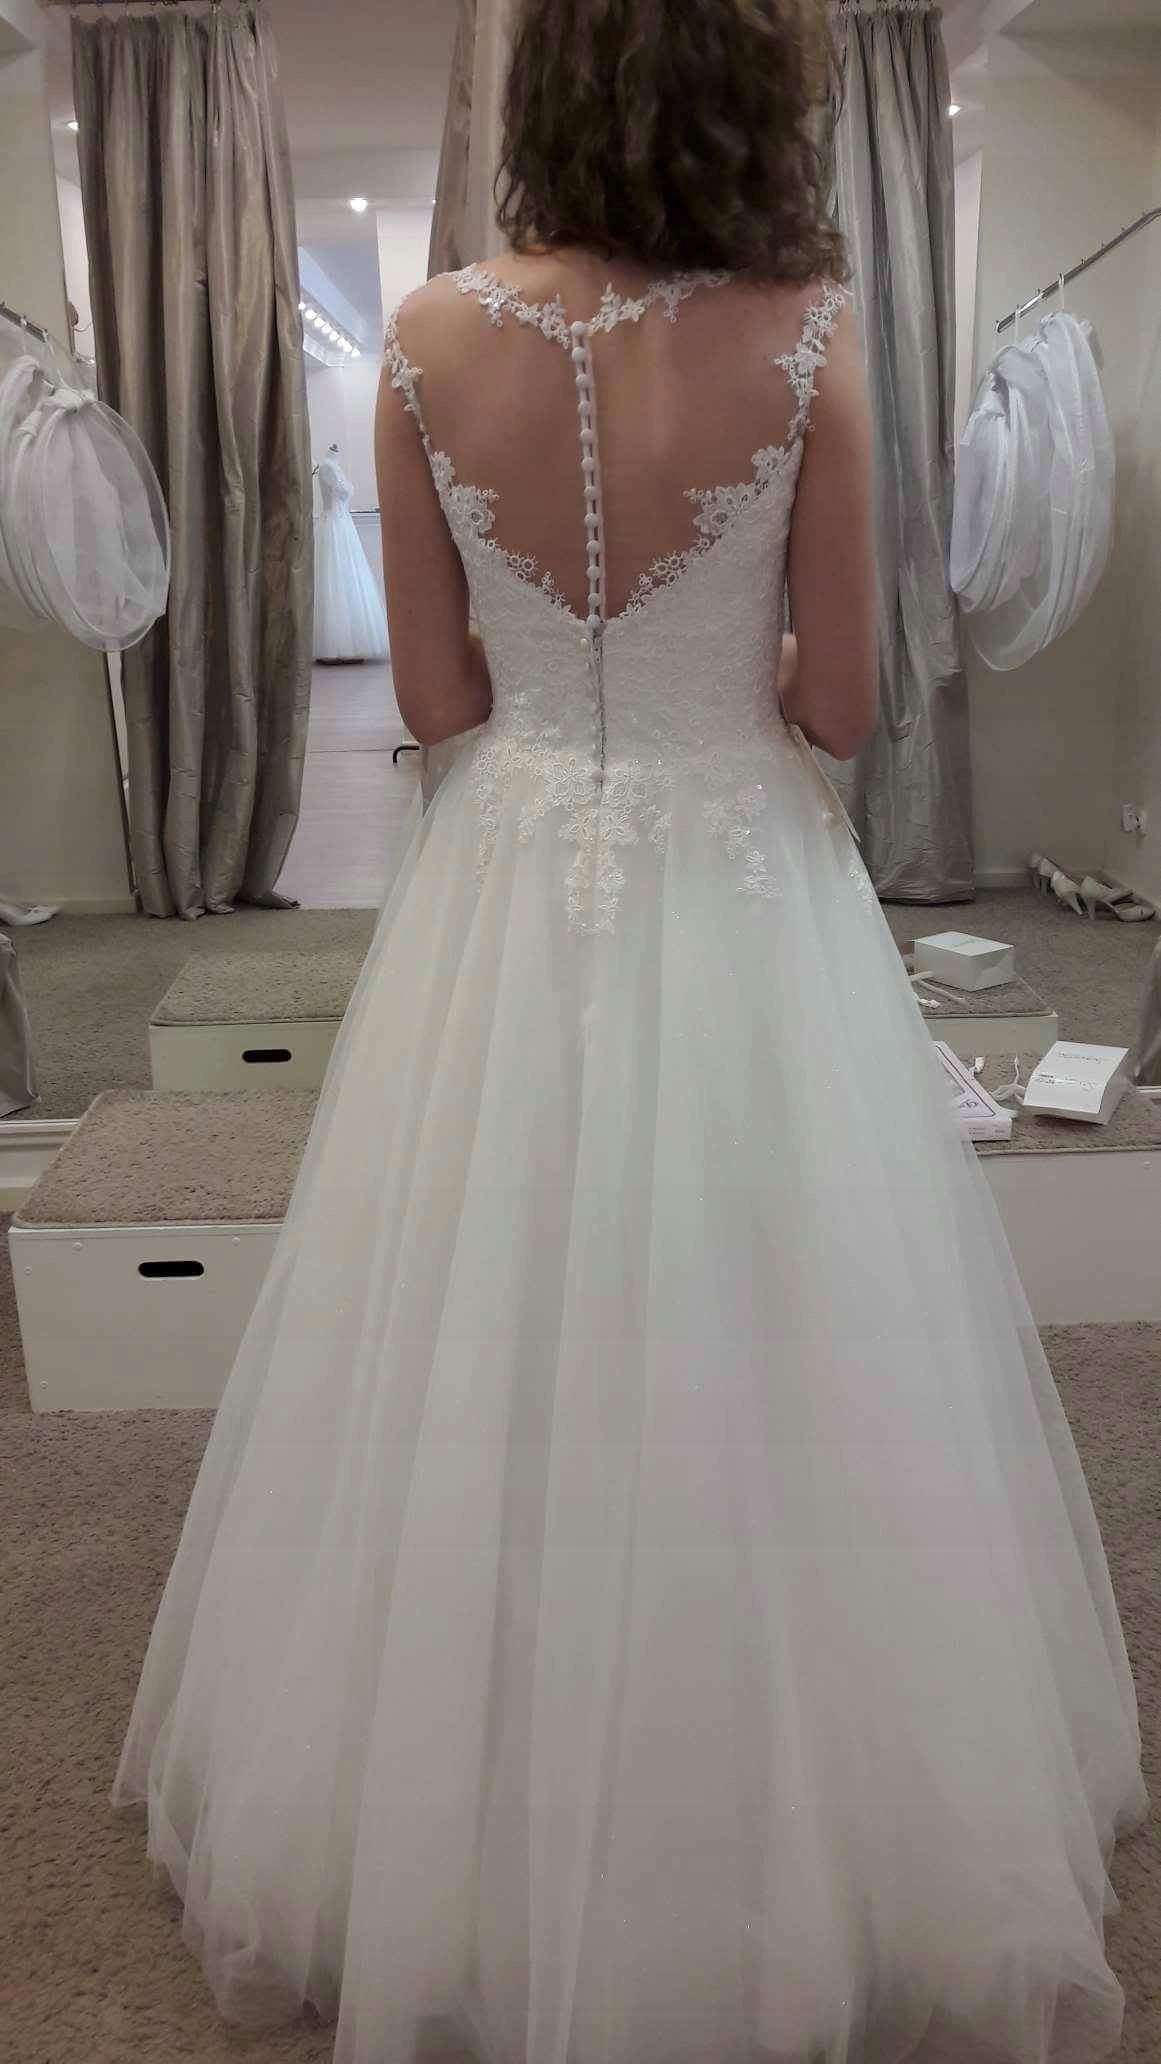 7b0ad95ade Suknia ślubna Agnes na sprzedaż - 7615764156 - oficjalne archiwum ...